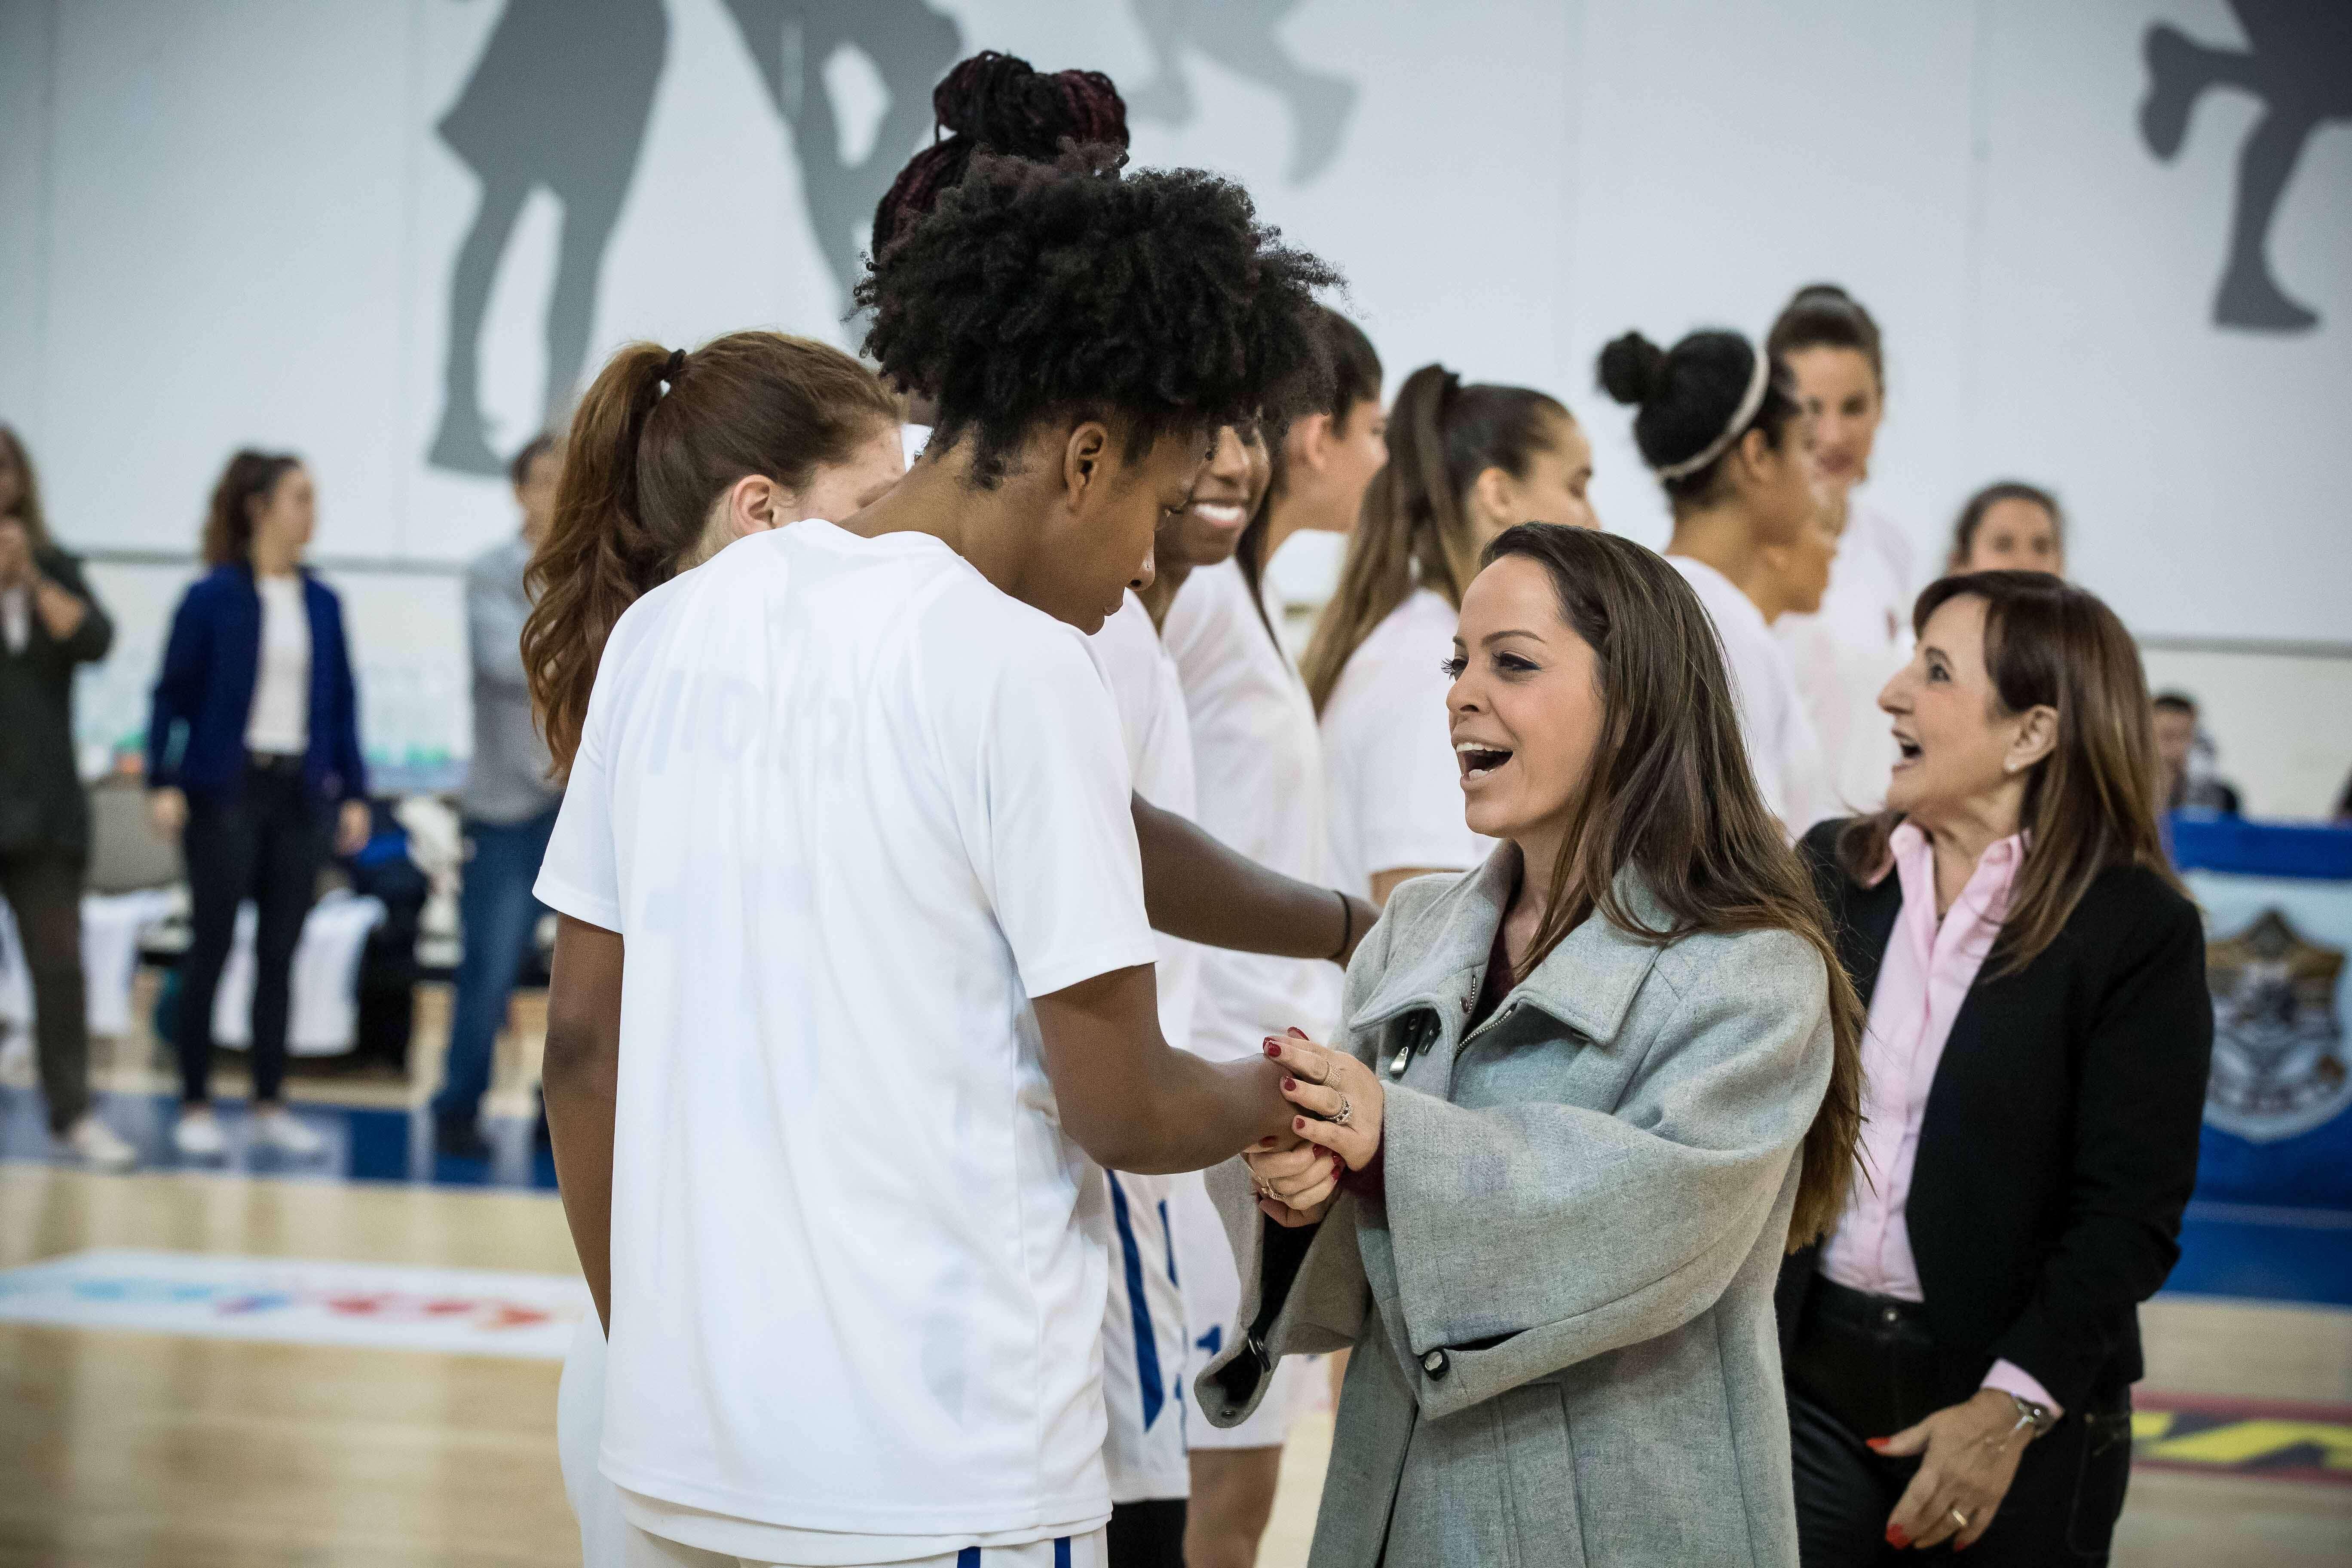 לראשונה בישראל: ליגות הנשים תחת מנהלת אחת